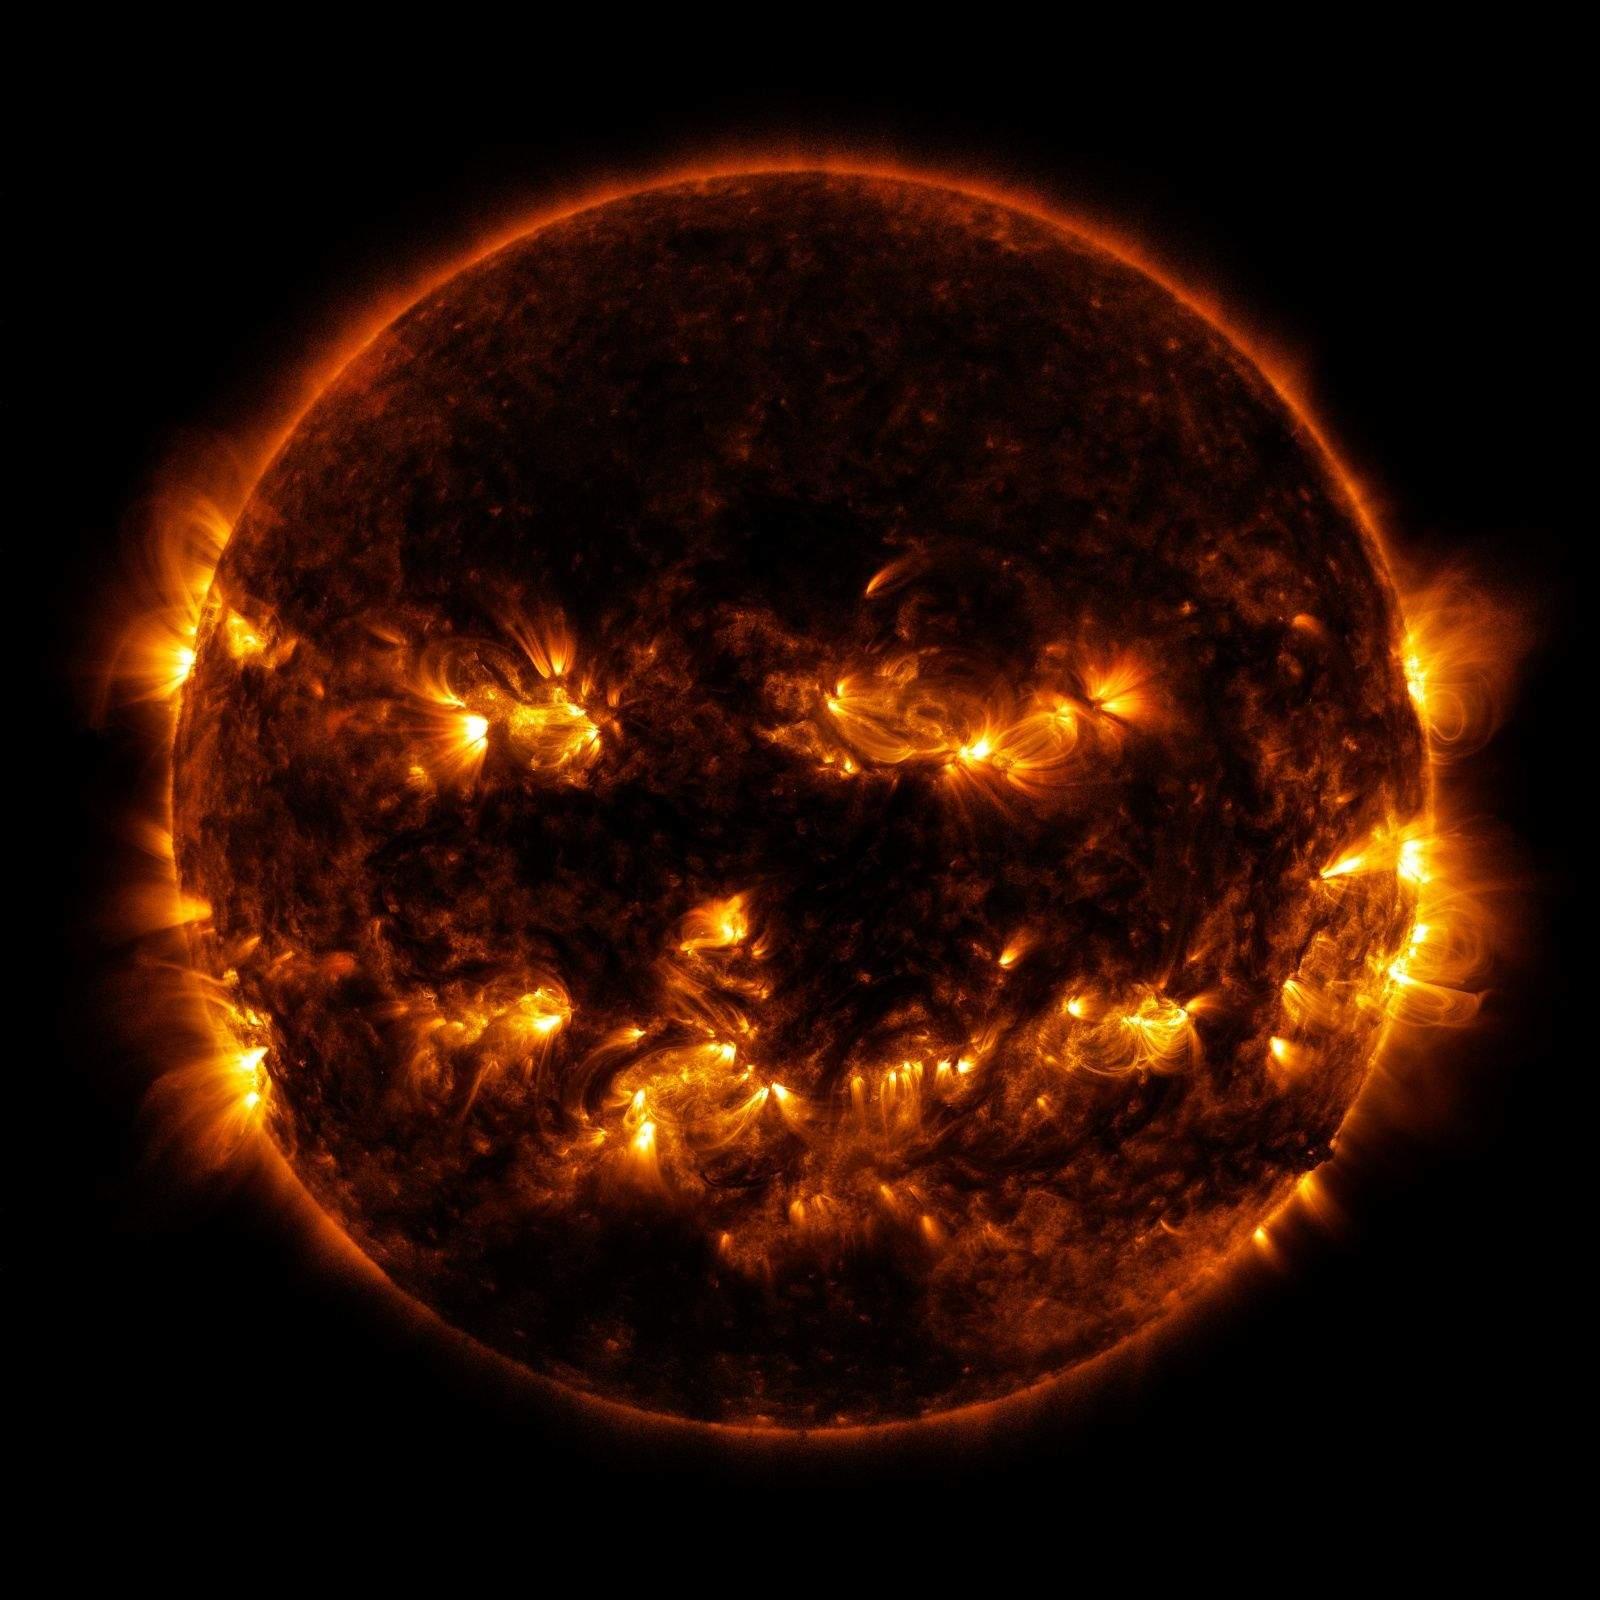 Black hole sun/Won't you come... Photo: NASA/SDO